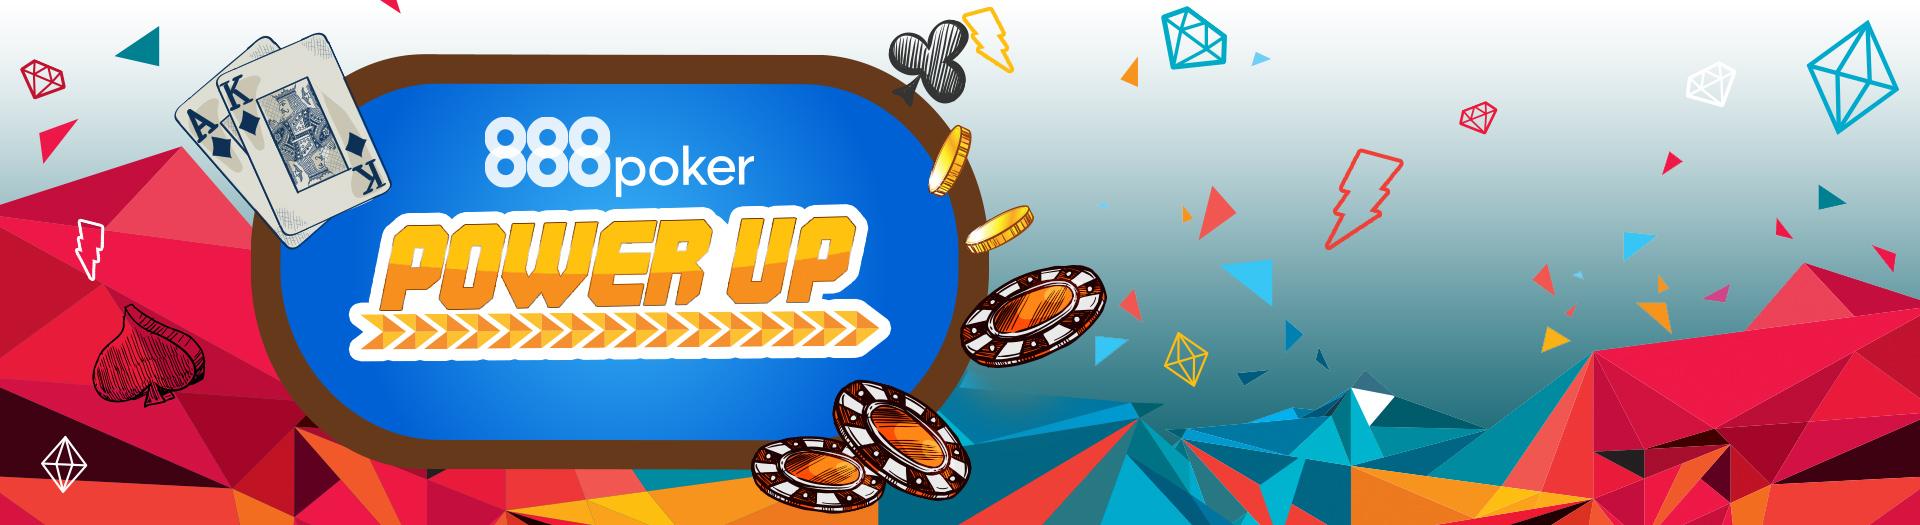 online casino sites jatzt spielen